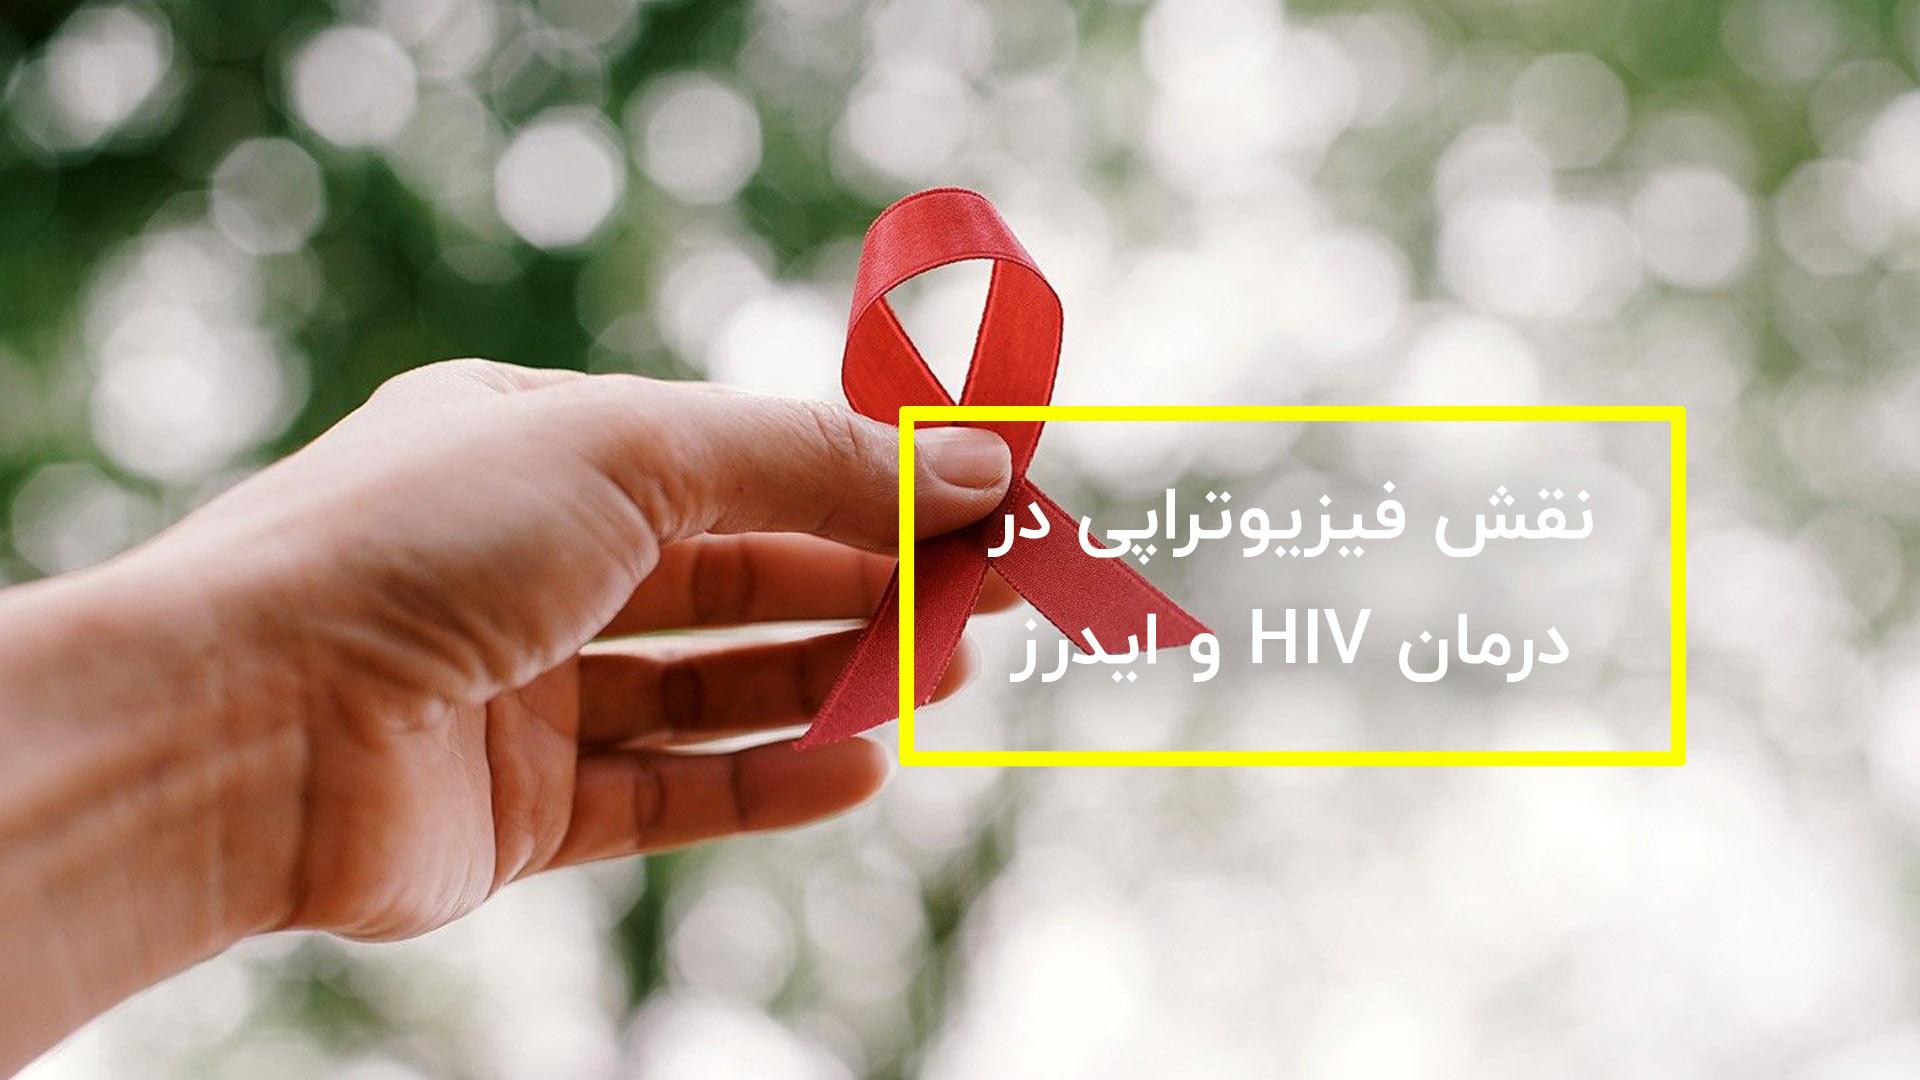 فیزیوتراپی ایدز و HIV